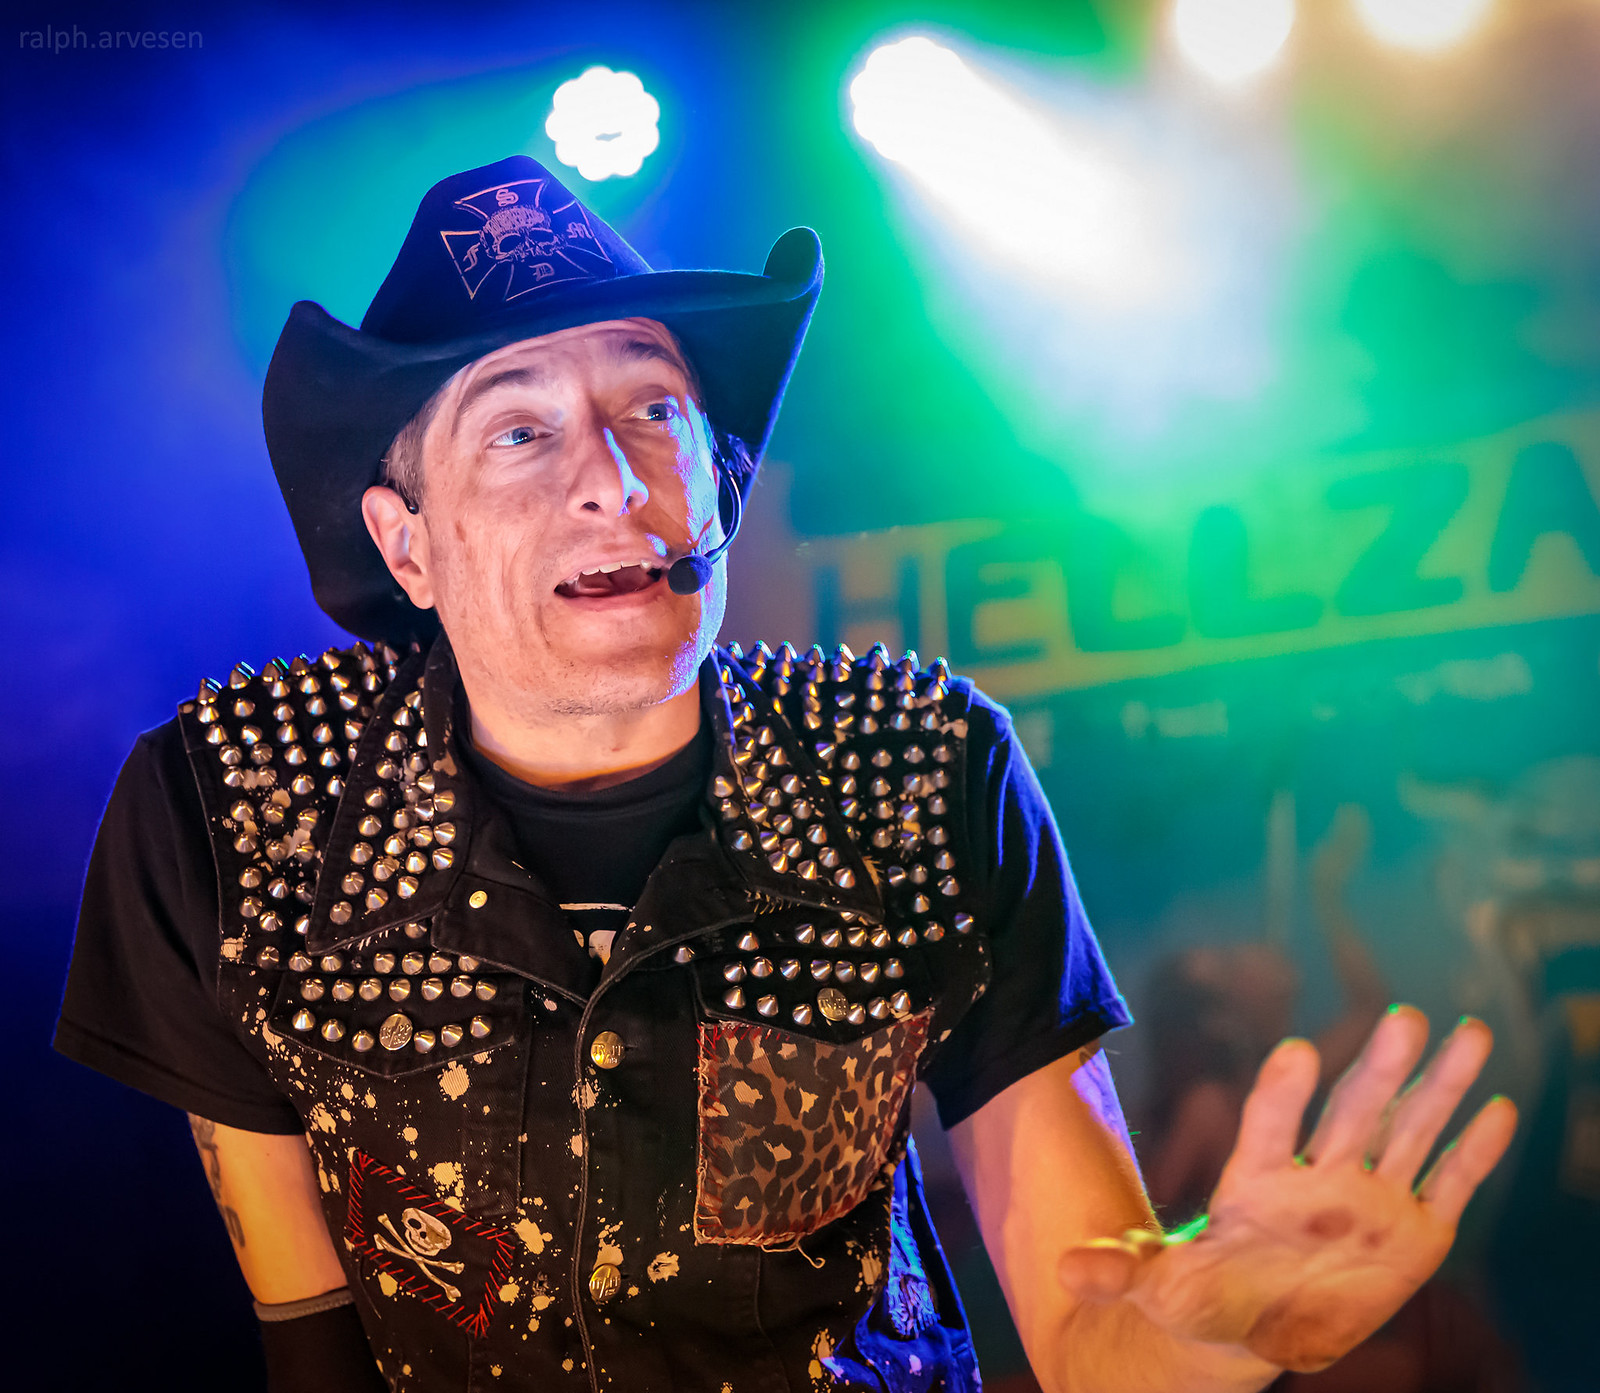 Short E Dangerously | Texas Review | Ralph Arvesen